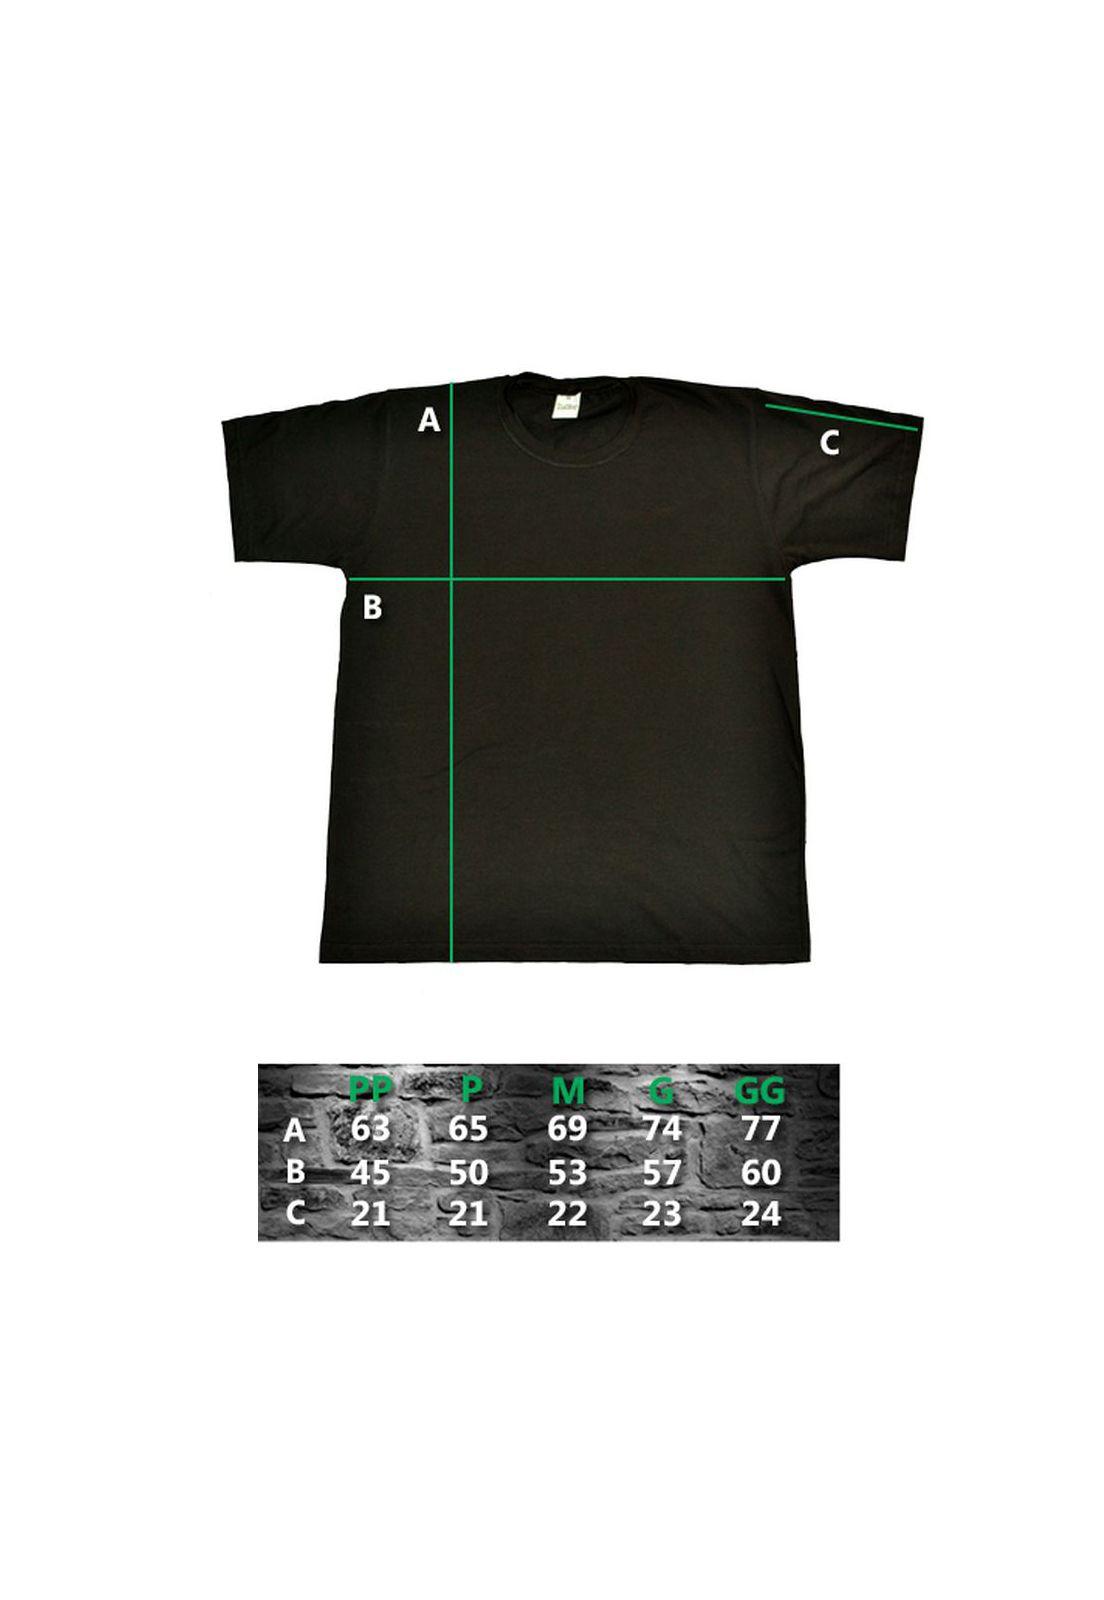 Camiseta Lobo Bike Vega87 - Preto  - HShop